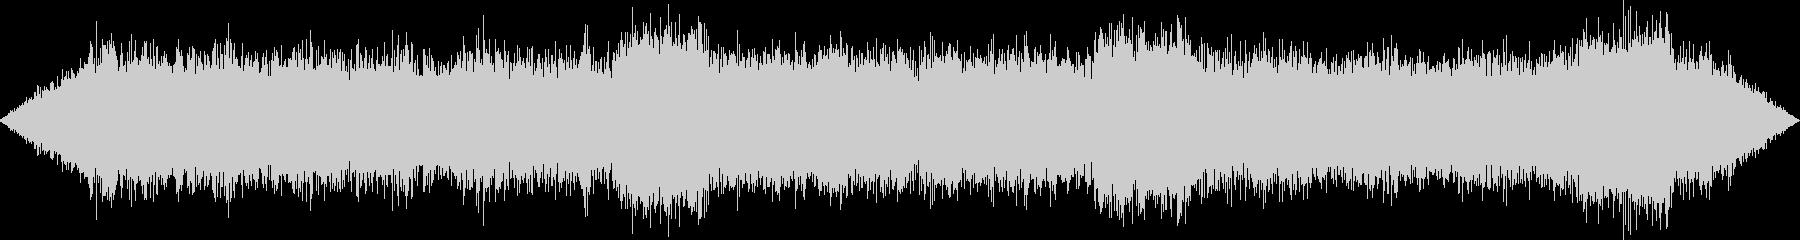 ダークアンビエント_06 リンリンの未再生の波形